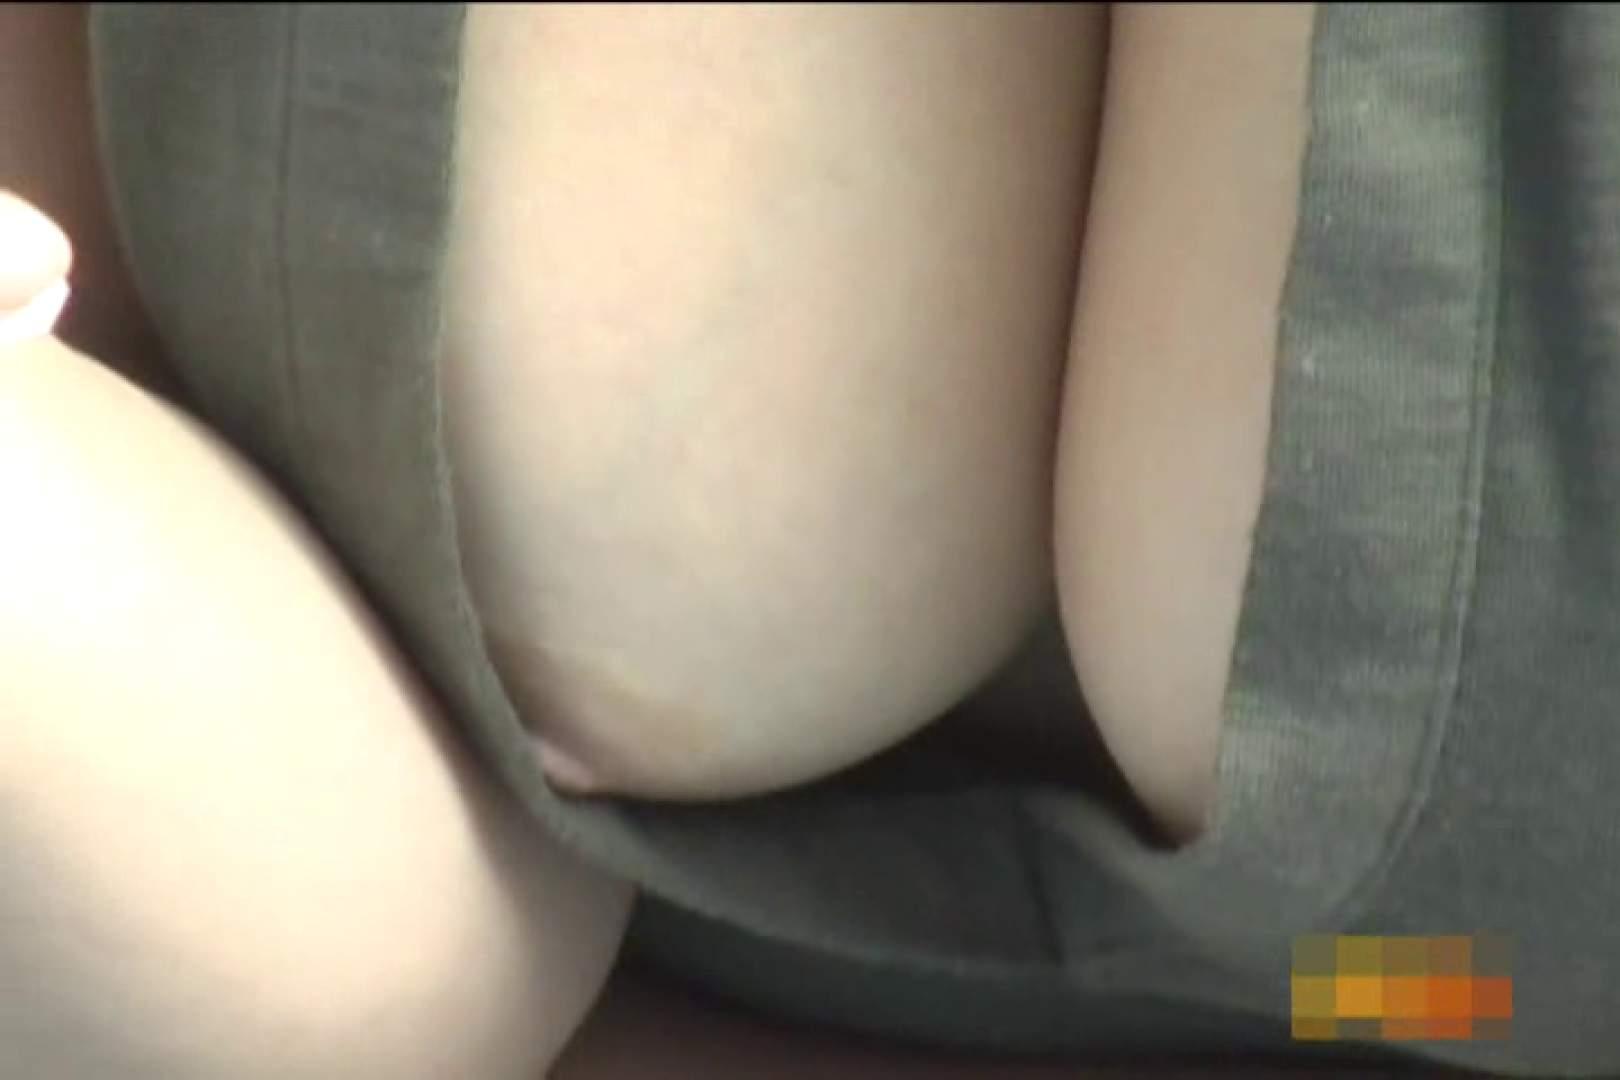 大胆露出胸チラギャル大量発生中!!Vol.1 美しいOLの裸体 スケベ動画紹介 103pic 92